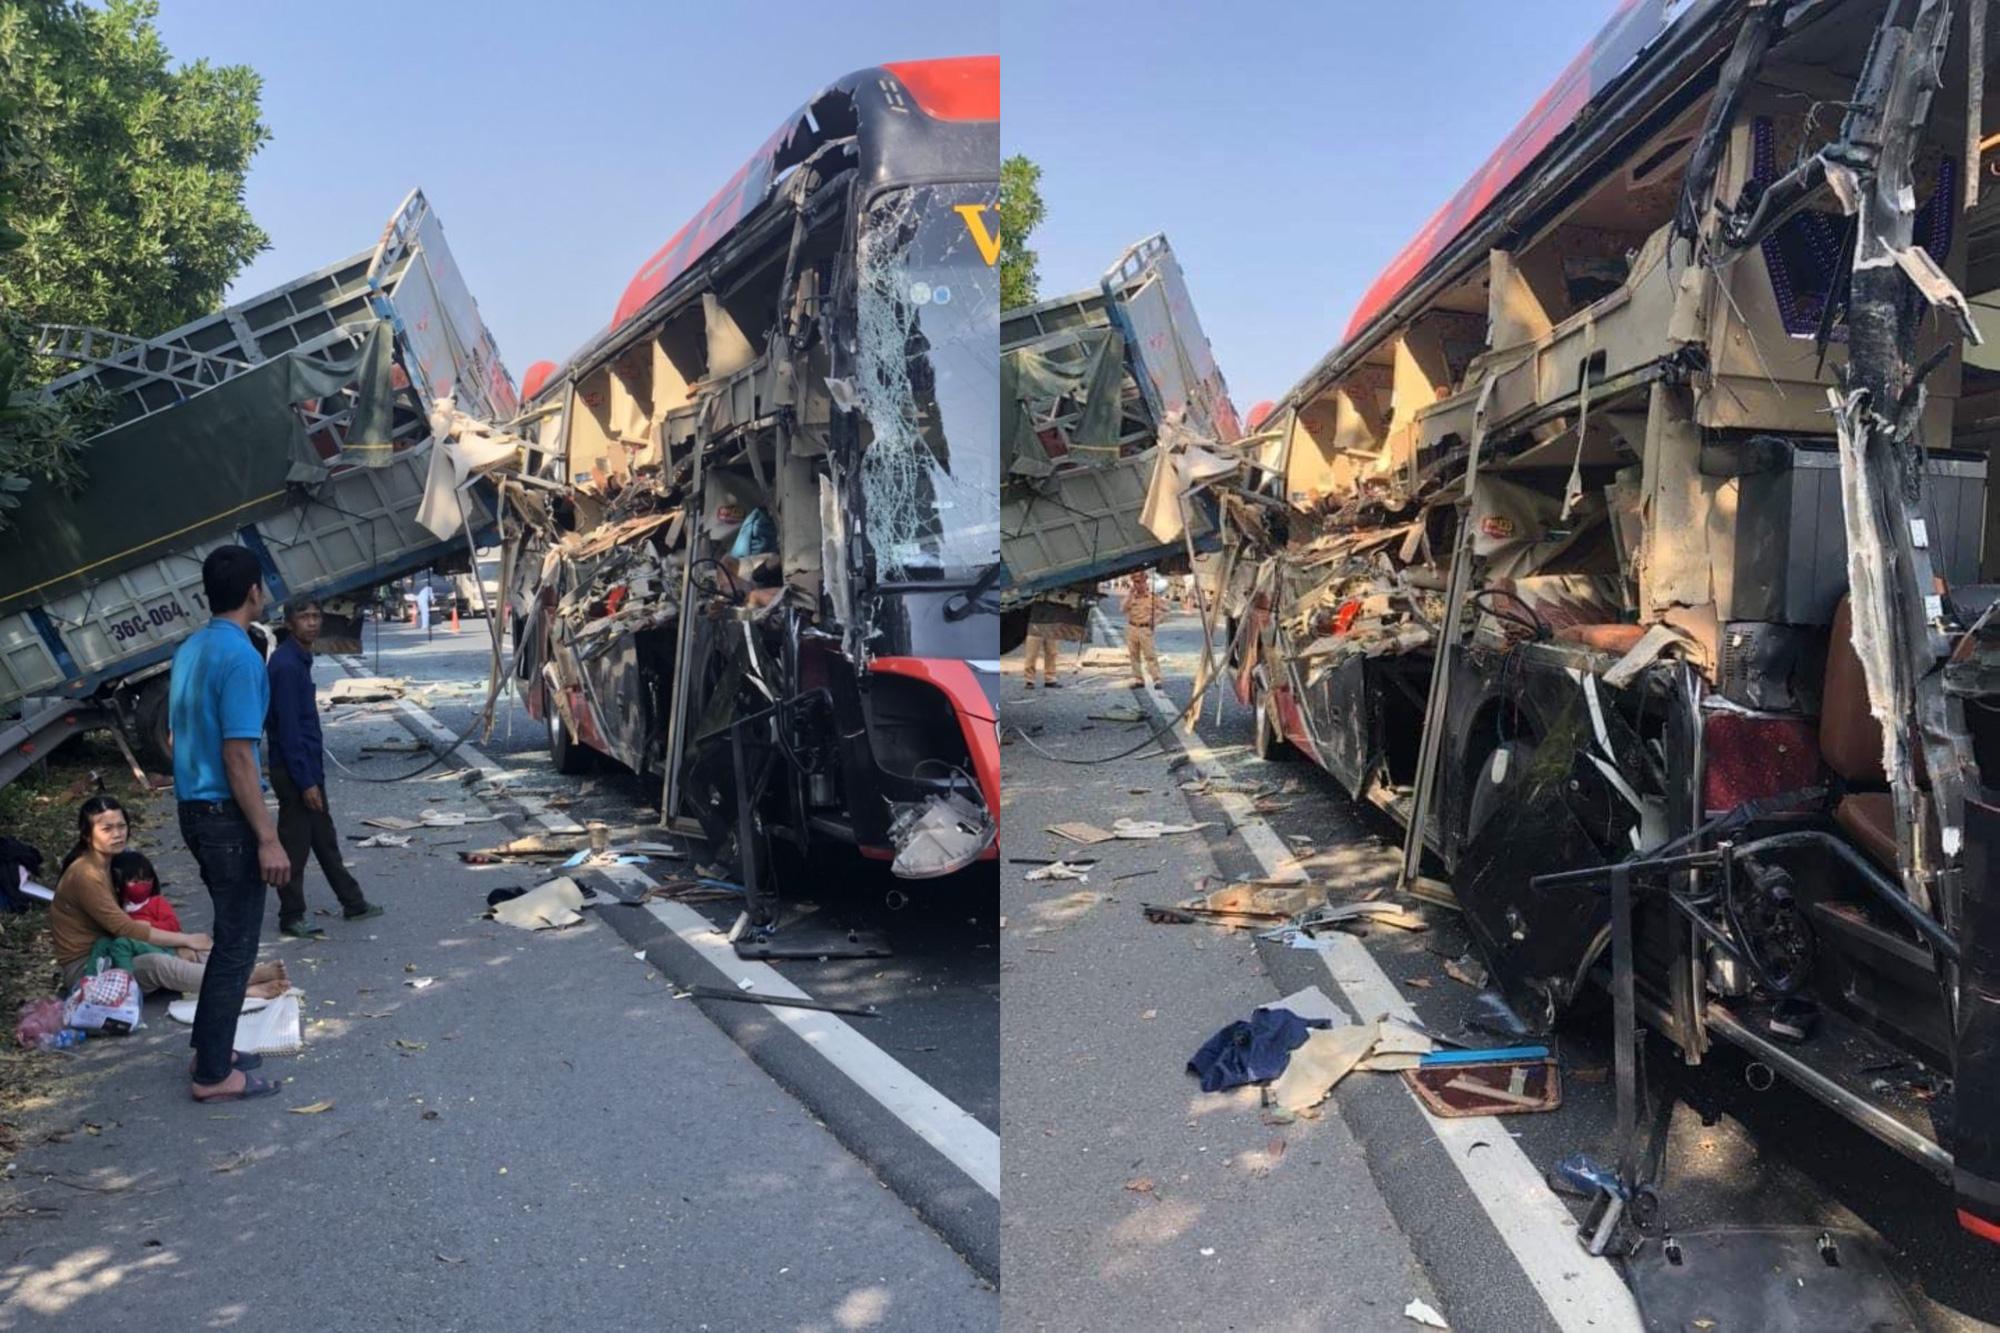 Xe khách nát vụn sau va chạm với xe tải, 4 người bị thương - Ảnh 1.